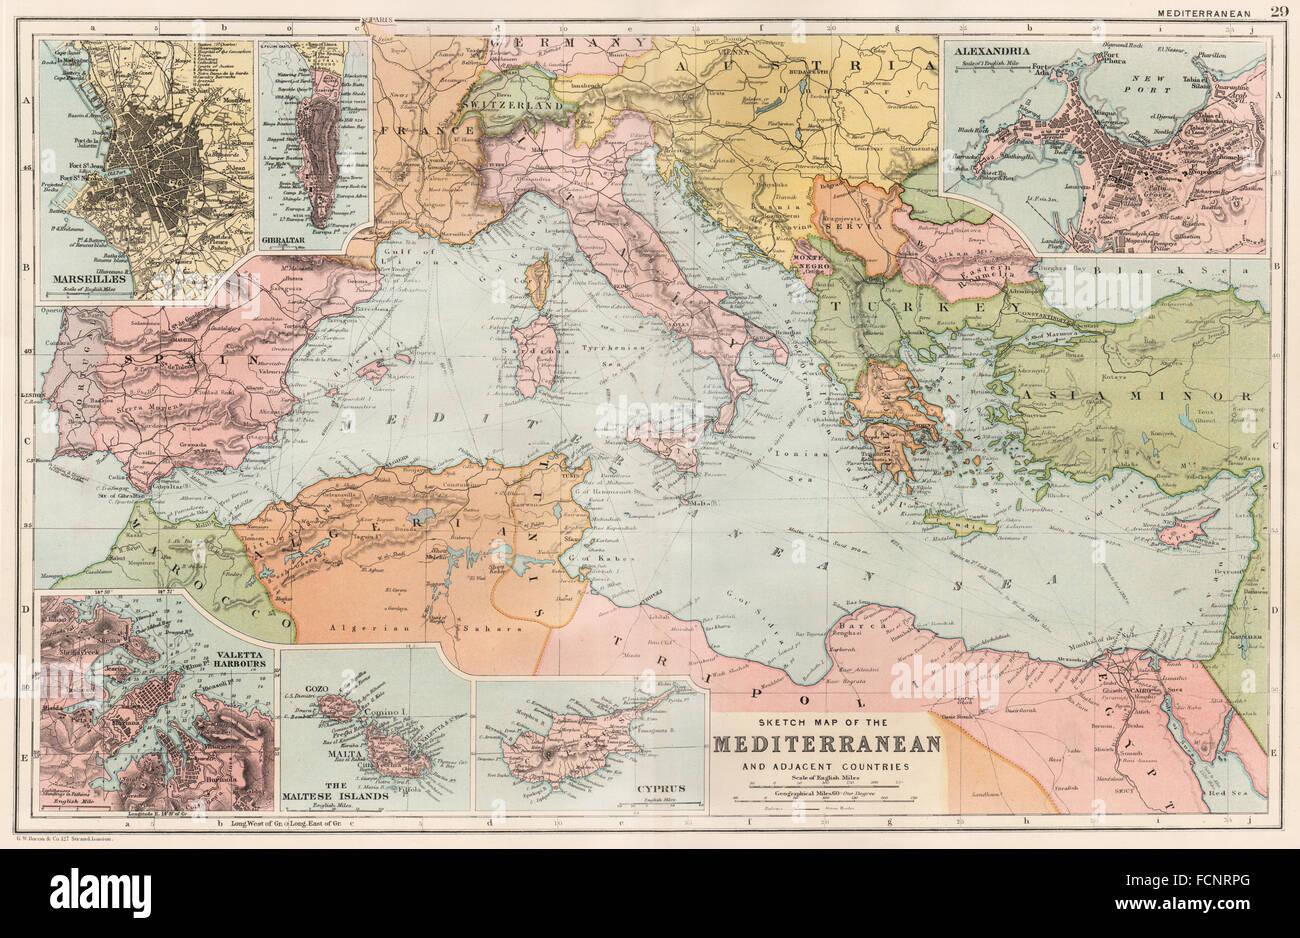 Mediterranean Map Stockfotos & Mediterranean Map Bilder - Seite 2 ...